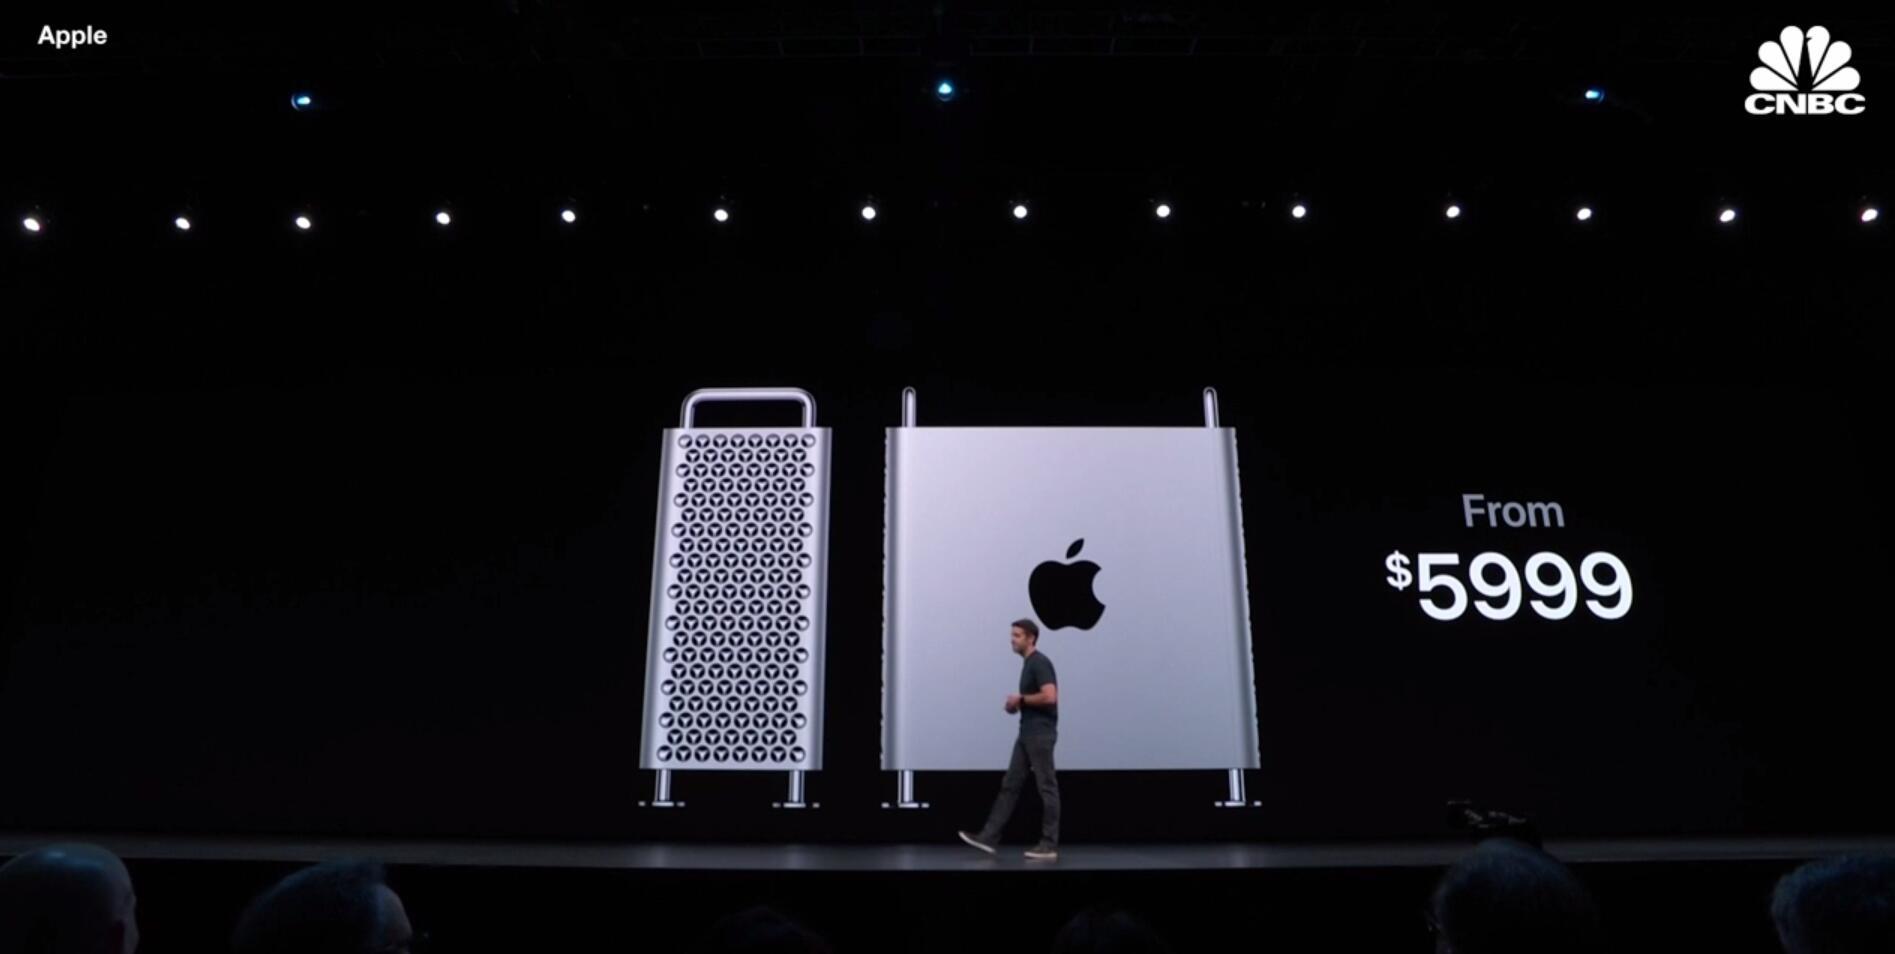 史上最强苹果电脑Mac Pro发布 有啥亮点(中英文)